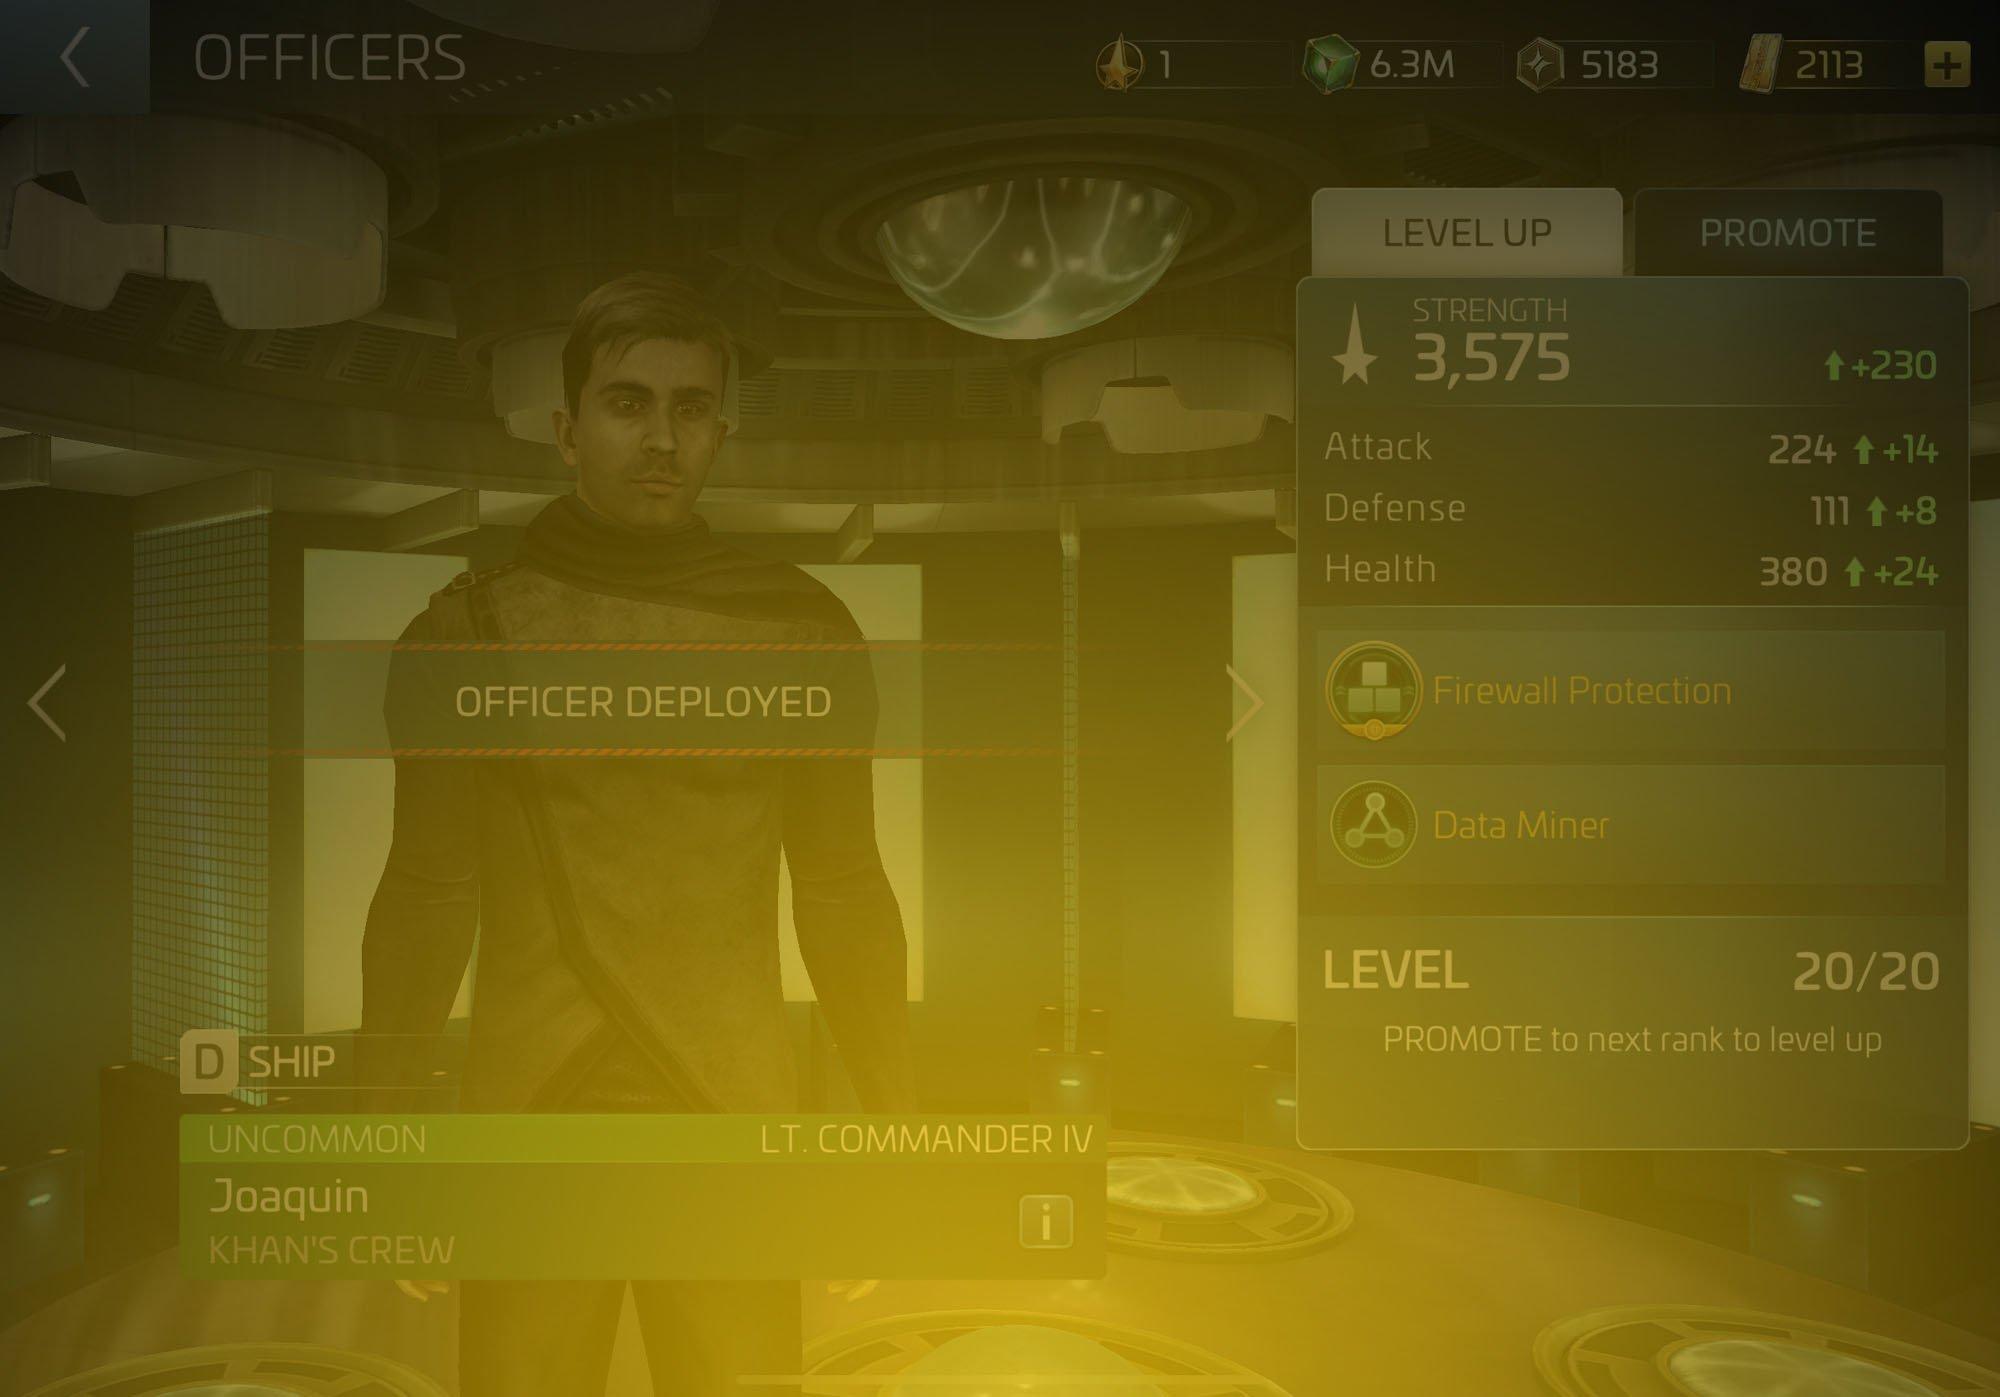 Officer Joaquin